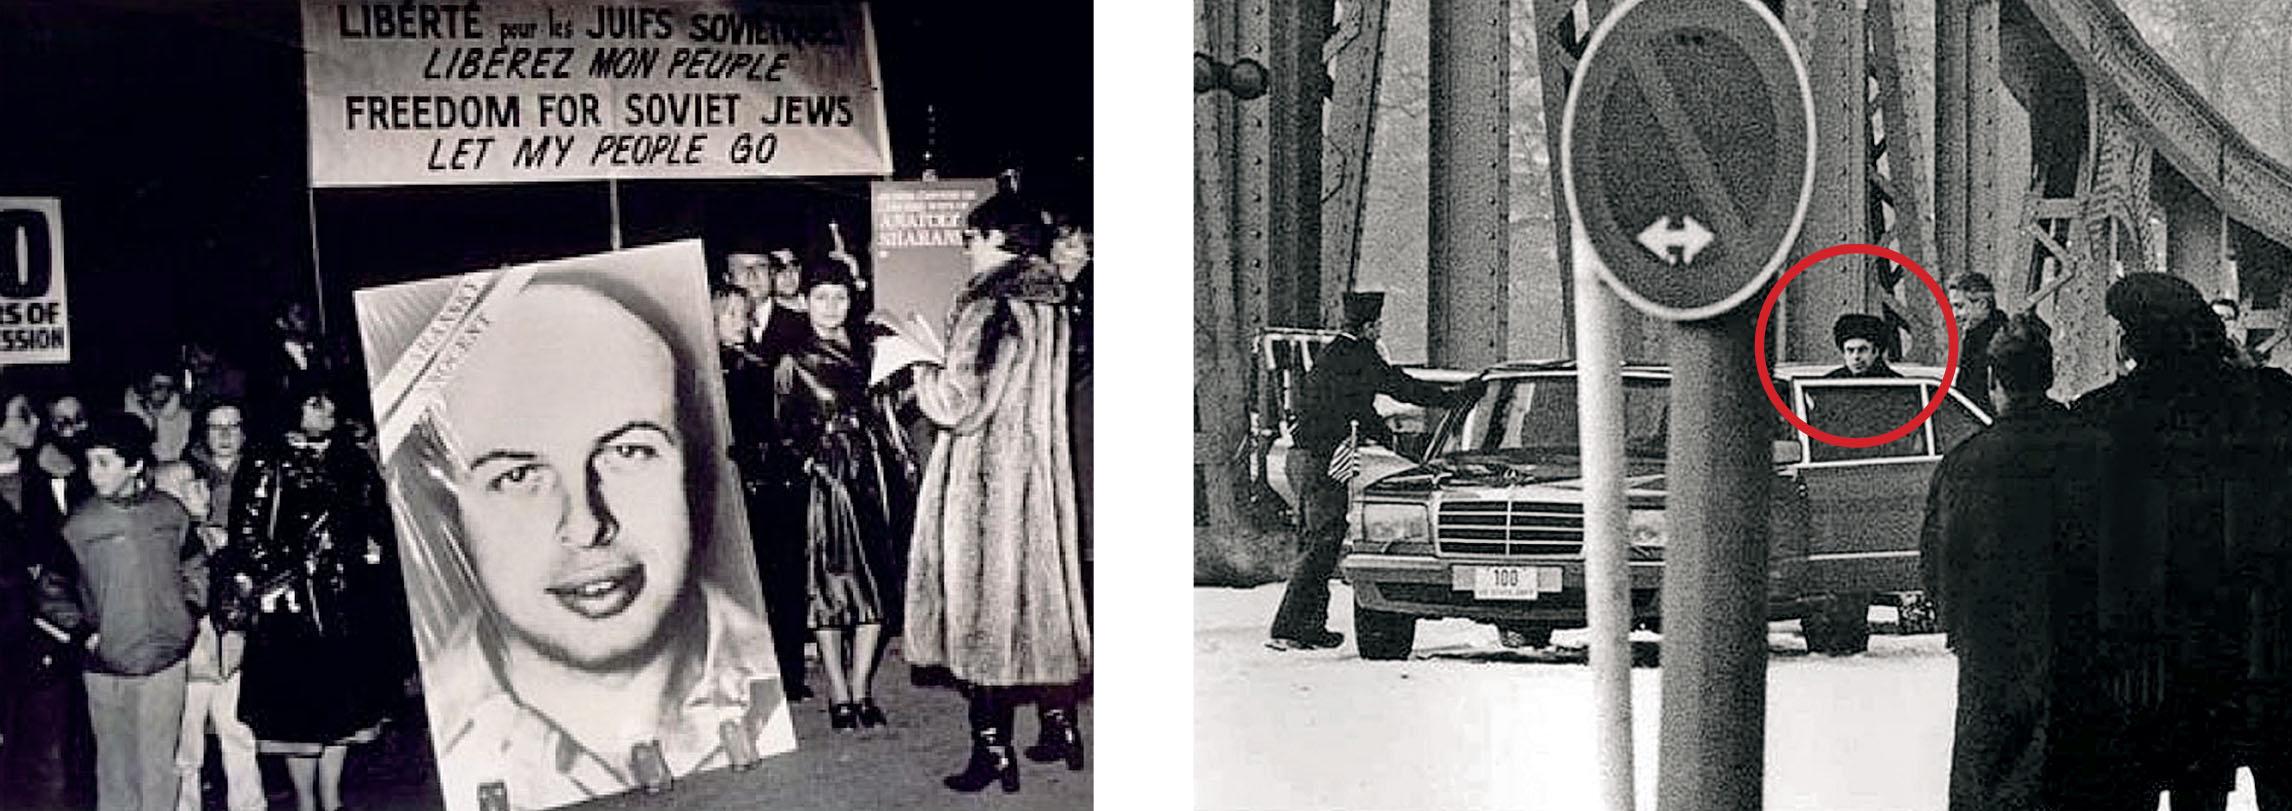 В 1986 году Натана Щаранского вместе с гражданами ФРГ и одним гражданином Чехословакии обменяли на арестованных в США чехословацких агентов на мосту Глинике между Западным и Восточным Берлином